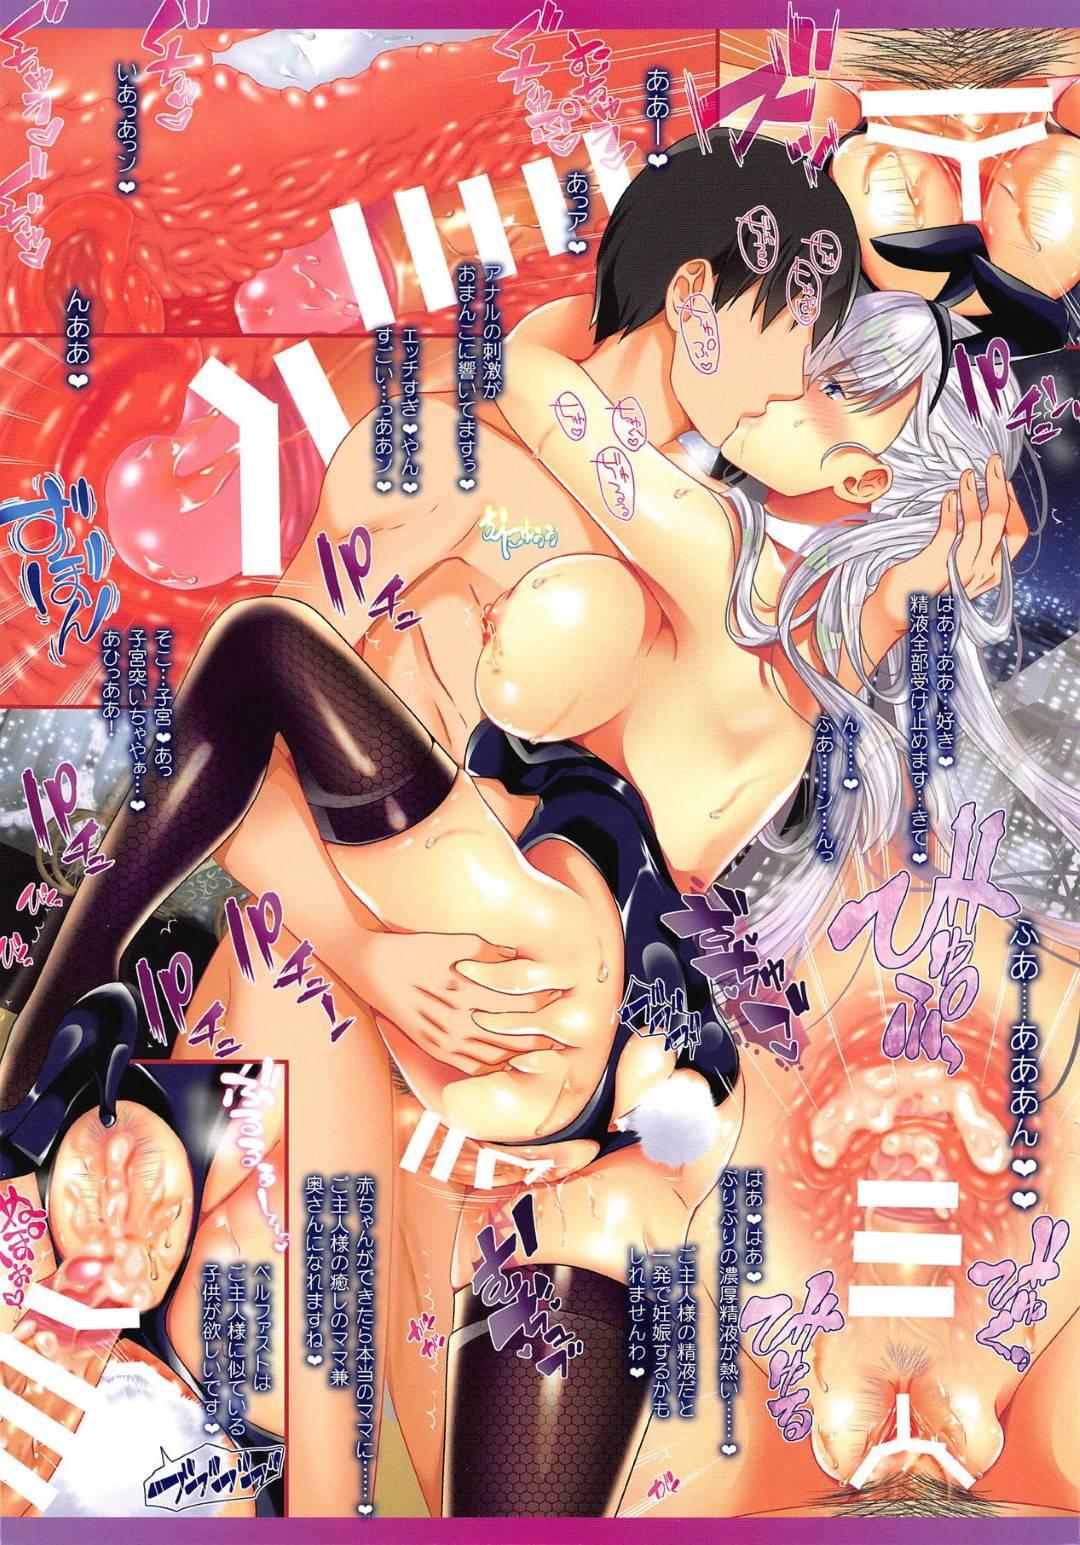 【アズレンエロ漫画】裸エプロン姿のメイドに出迎えられた主人公。ご奉仕精神旺盛な彼女は好きなようにおっぱいを触らせ、即立ちバックで生挿入されて中出しされてしまう。それだけで終わらず、69の体勢でフェラして口内射精させる。【イトウせと】